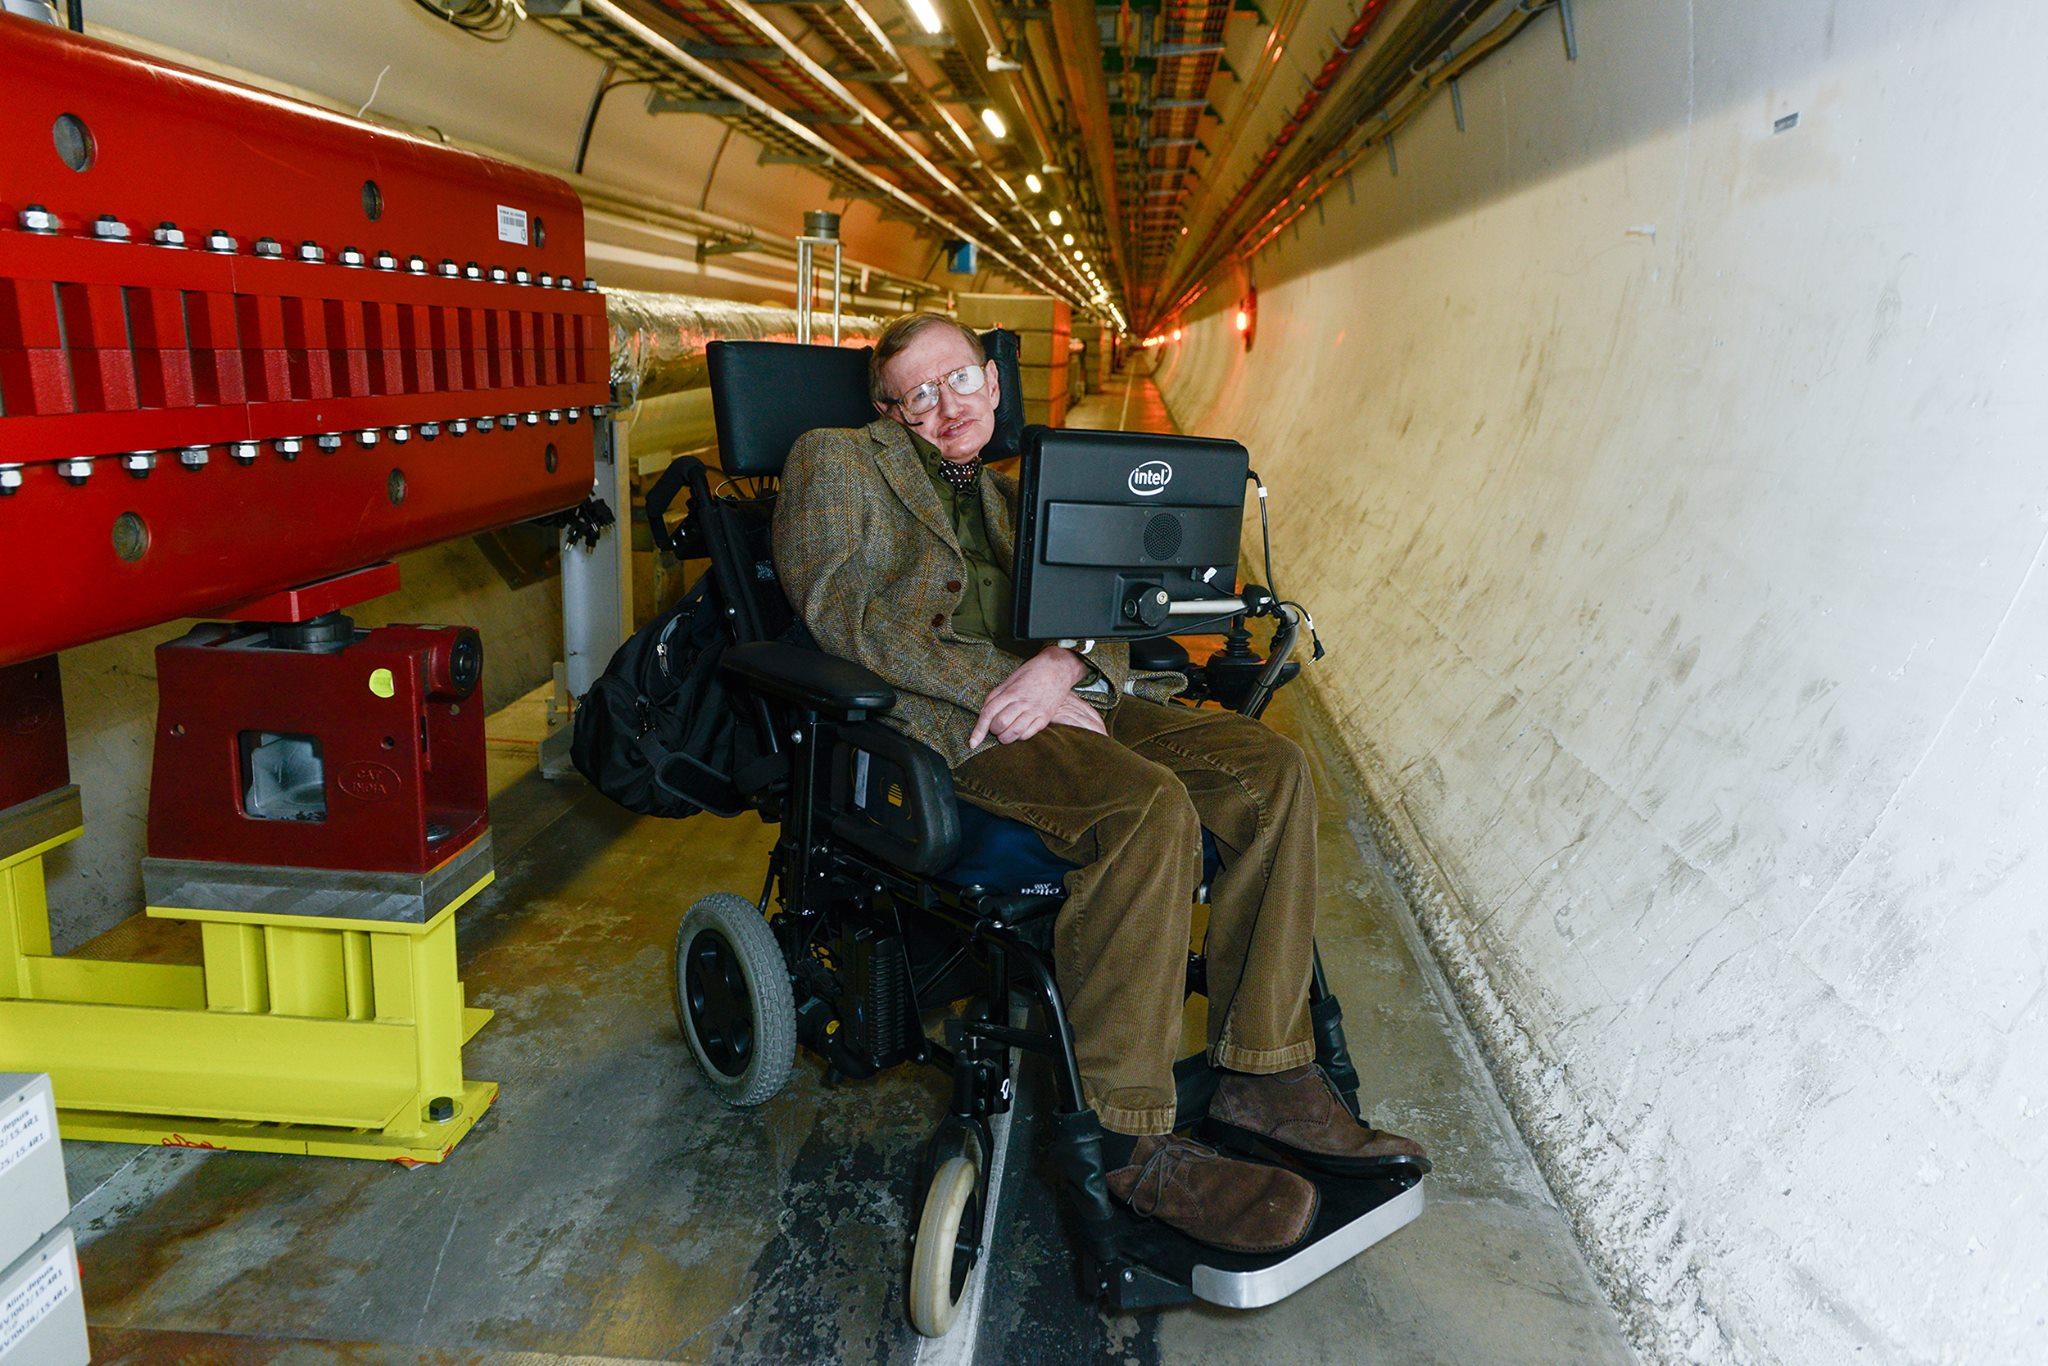 Hawking Accelerator